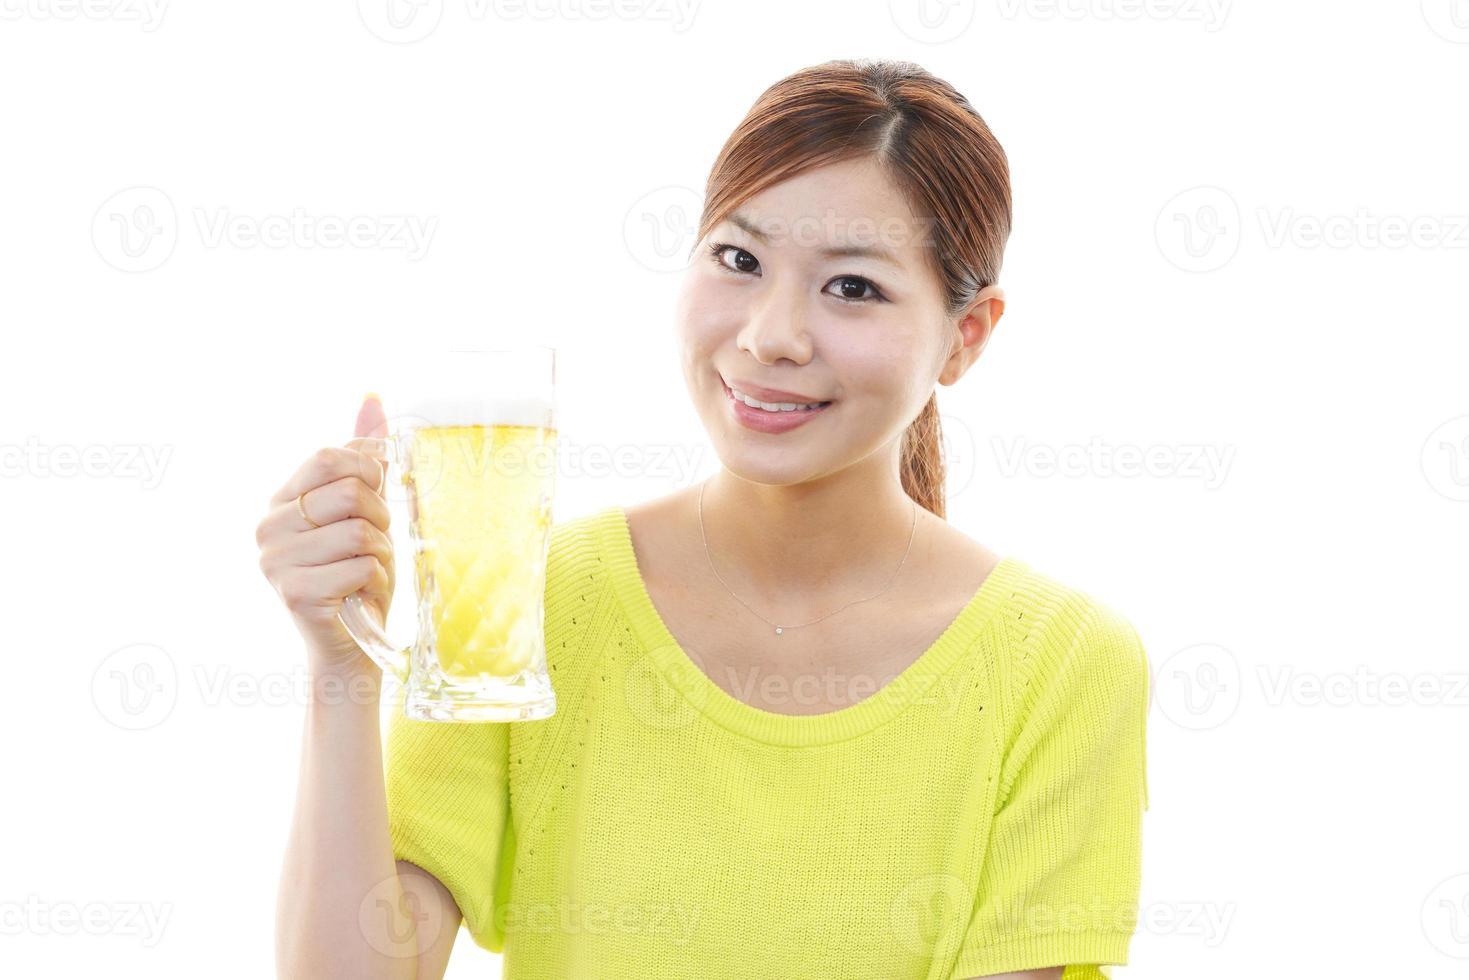 mulher bebendo cerveja foto